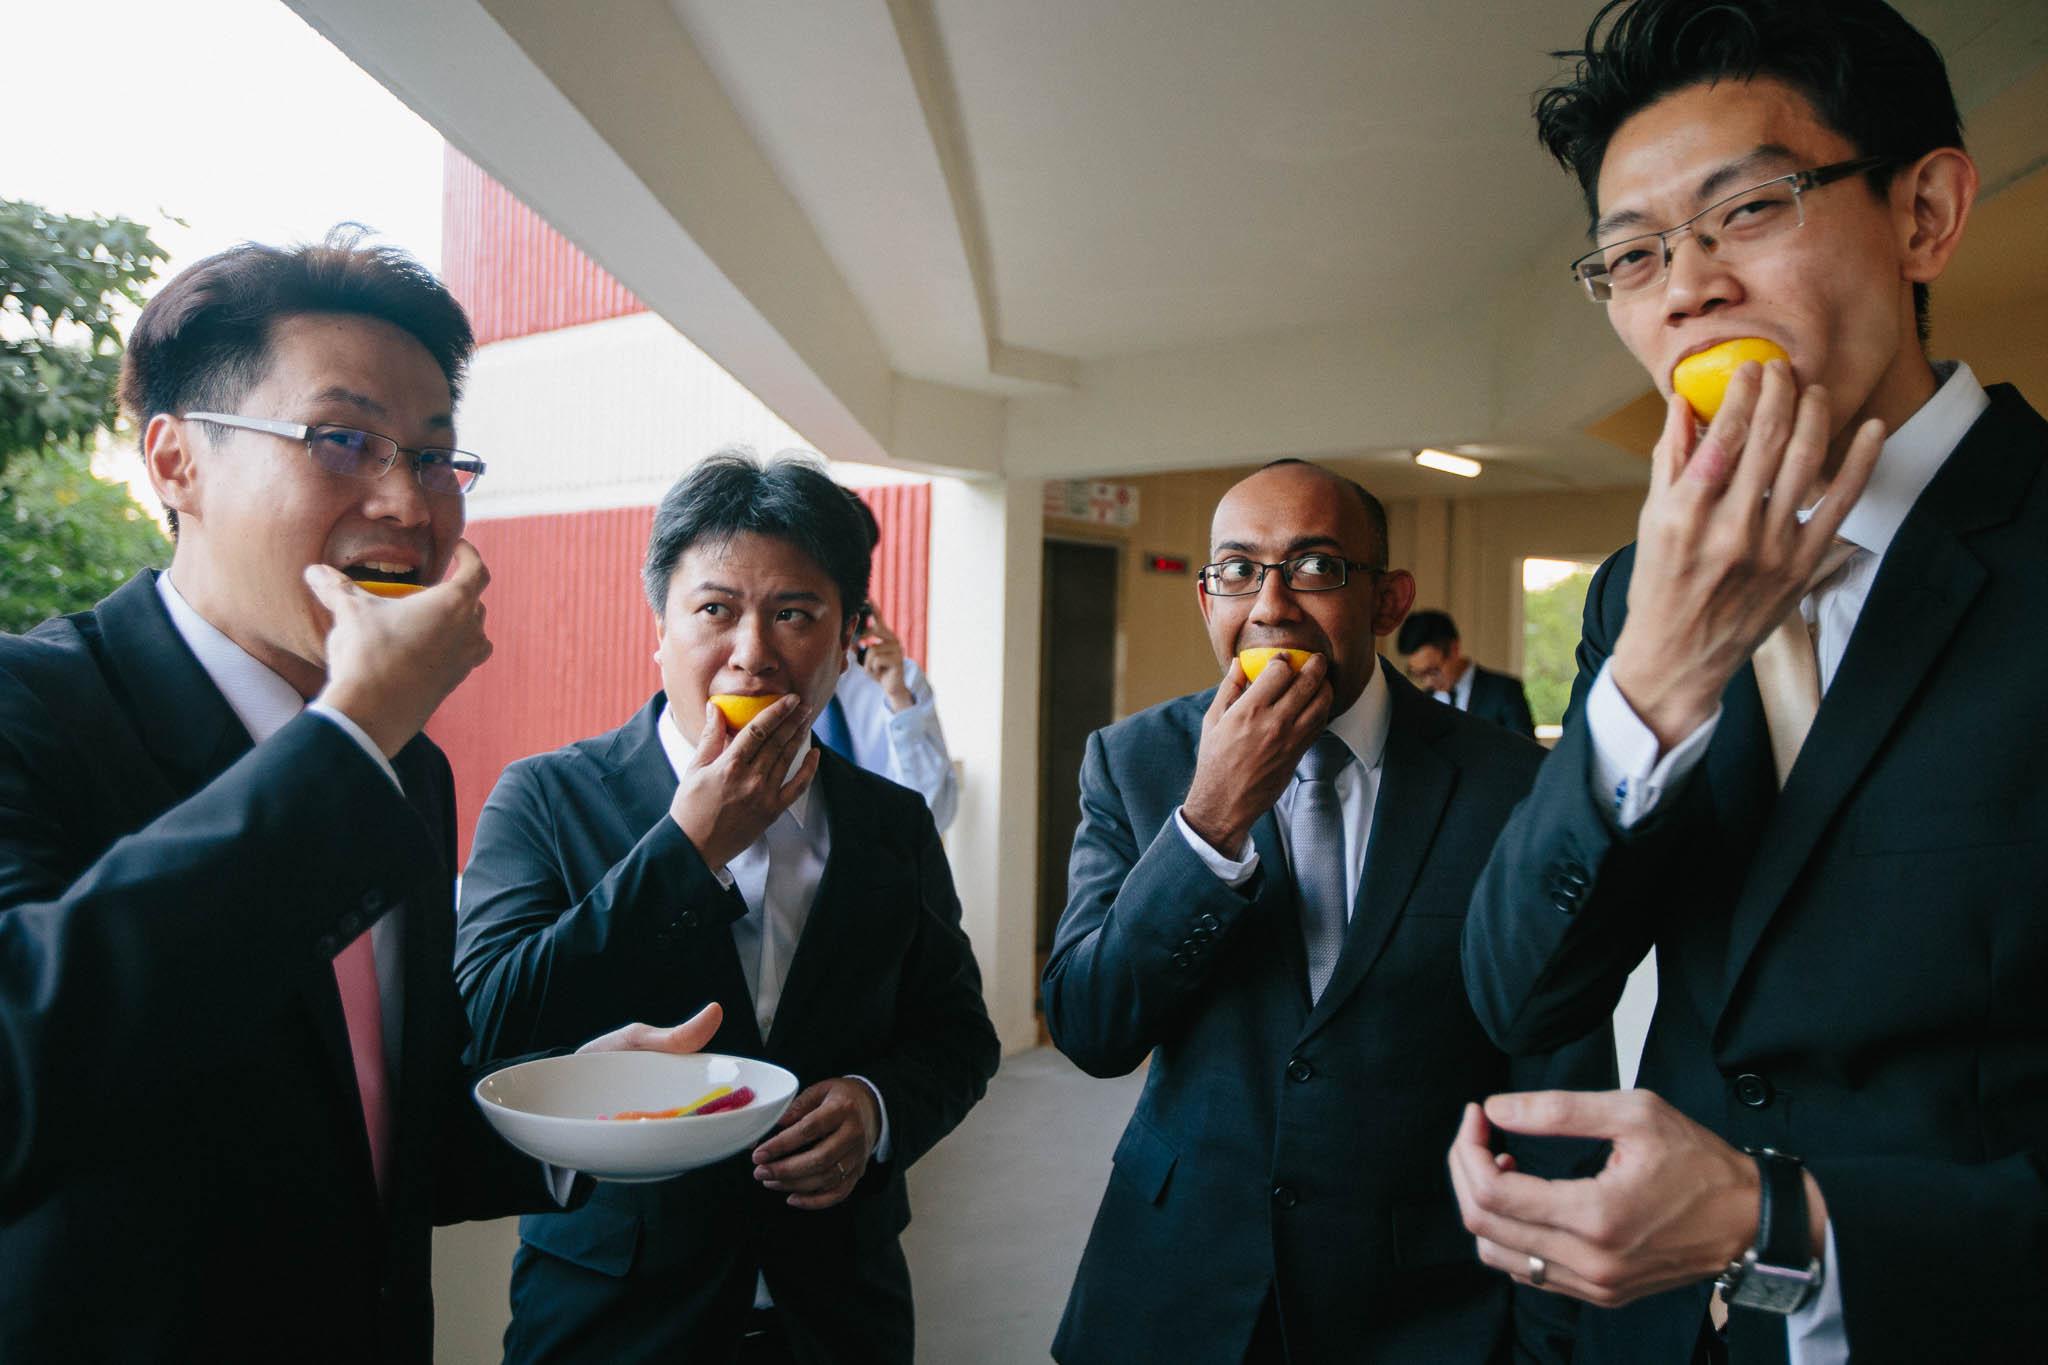 singapore-wedding-photographer-zhongwei-shihui-008.jpg